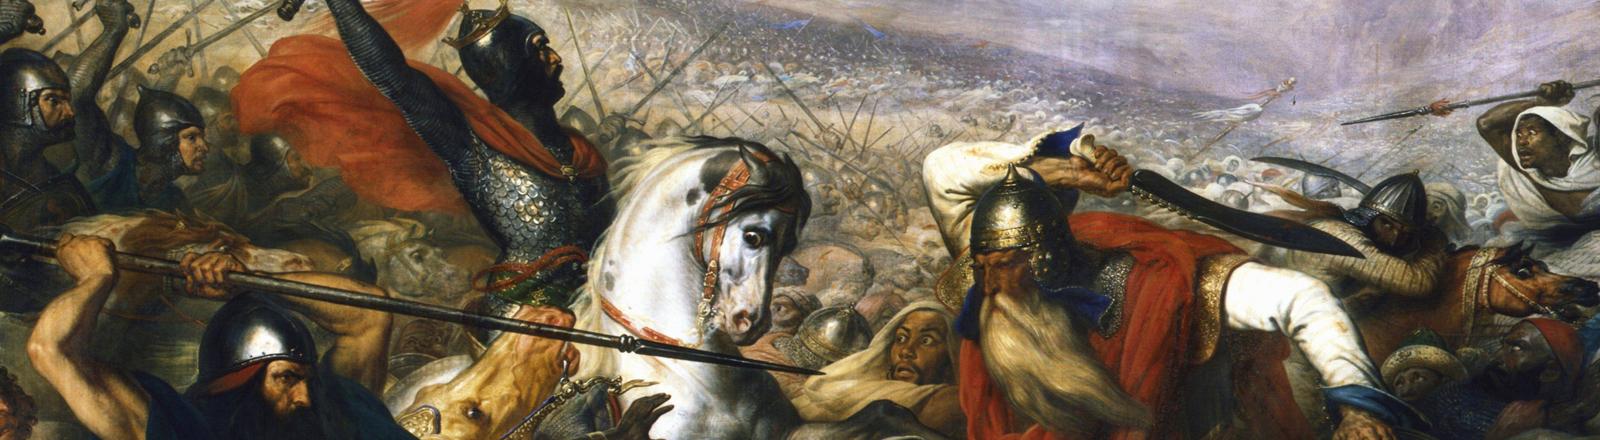 """""""Der Hammer"""" Karl Martell bei der Schlacht von Tours und Poitiers 732 gegen die Mauren"""